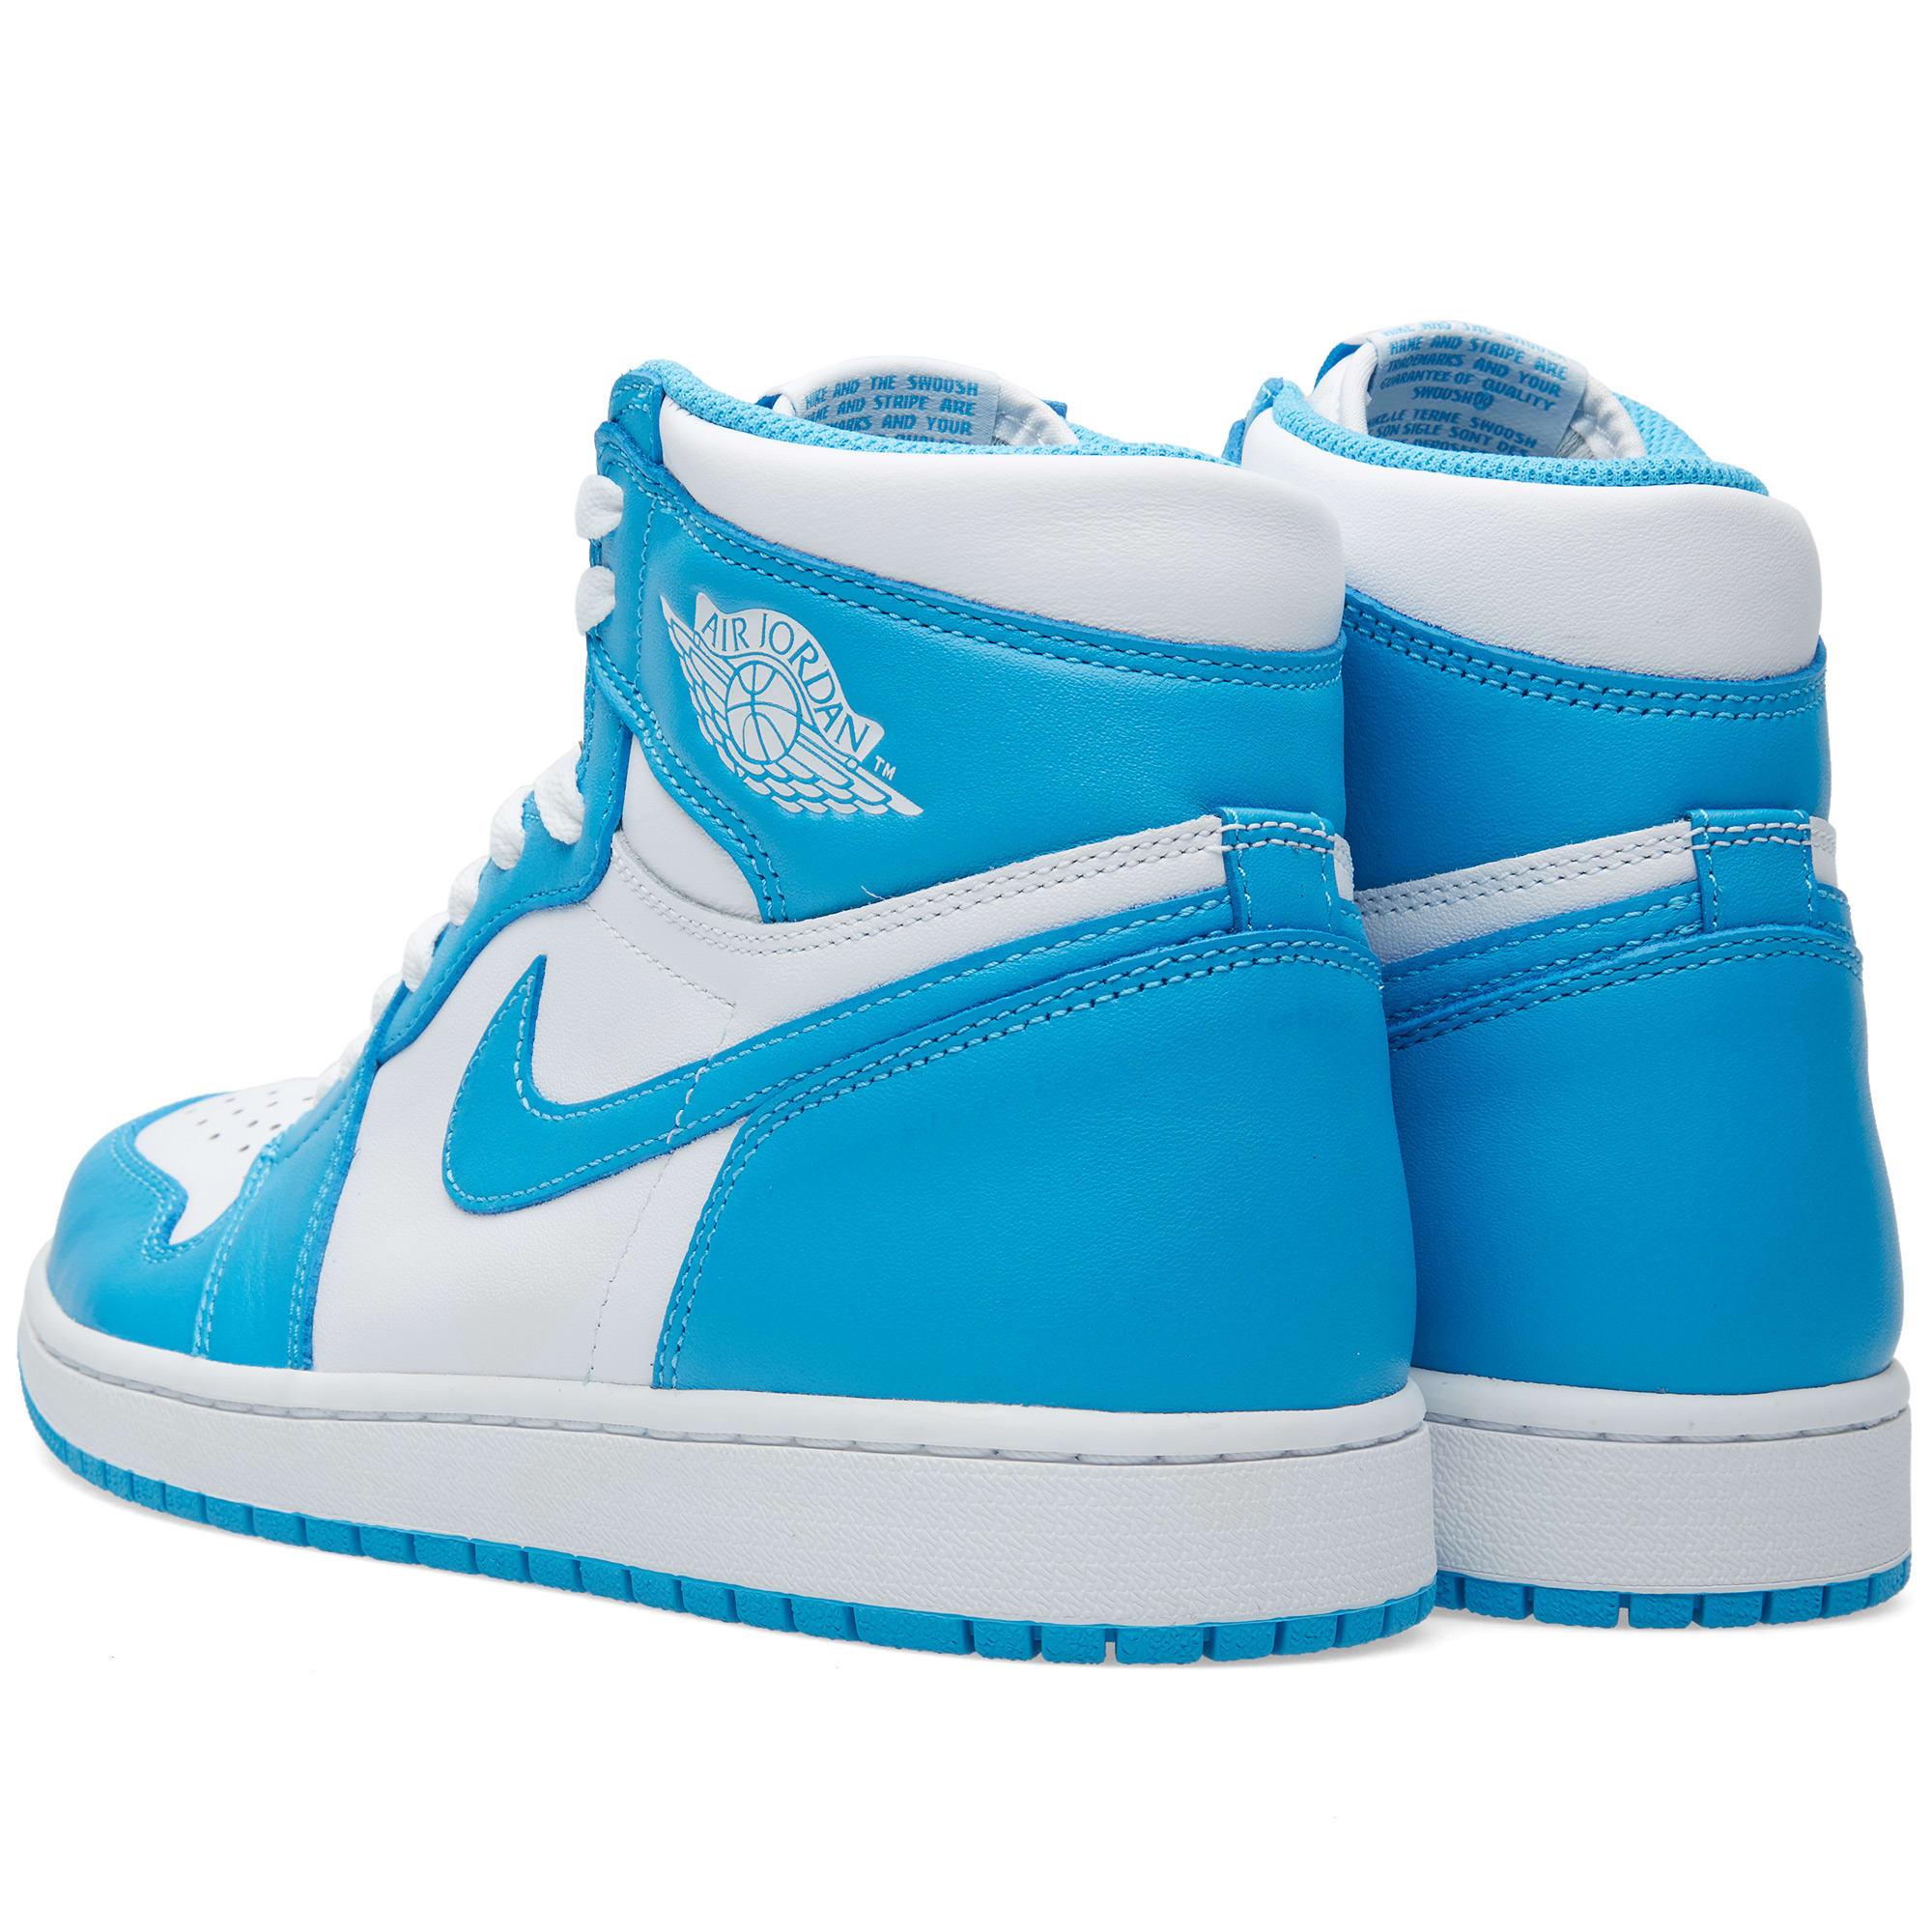 6e9c3c76778586 Nike Air Jordan 1 Retro High OG White   Dark Powder Blue